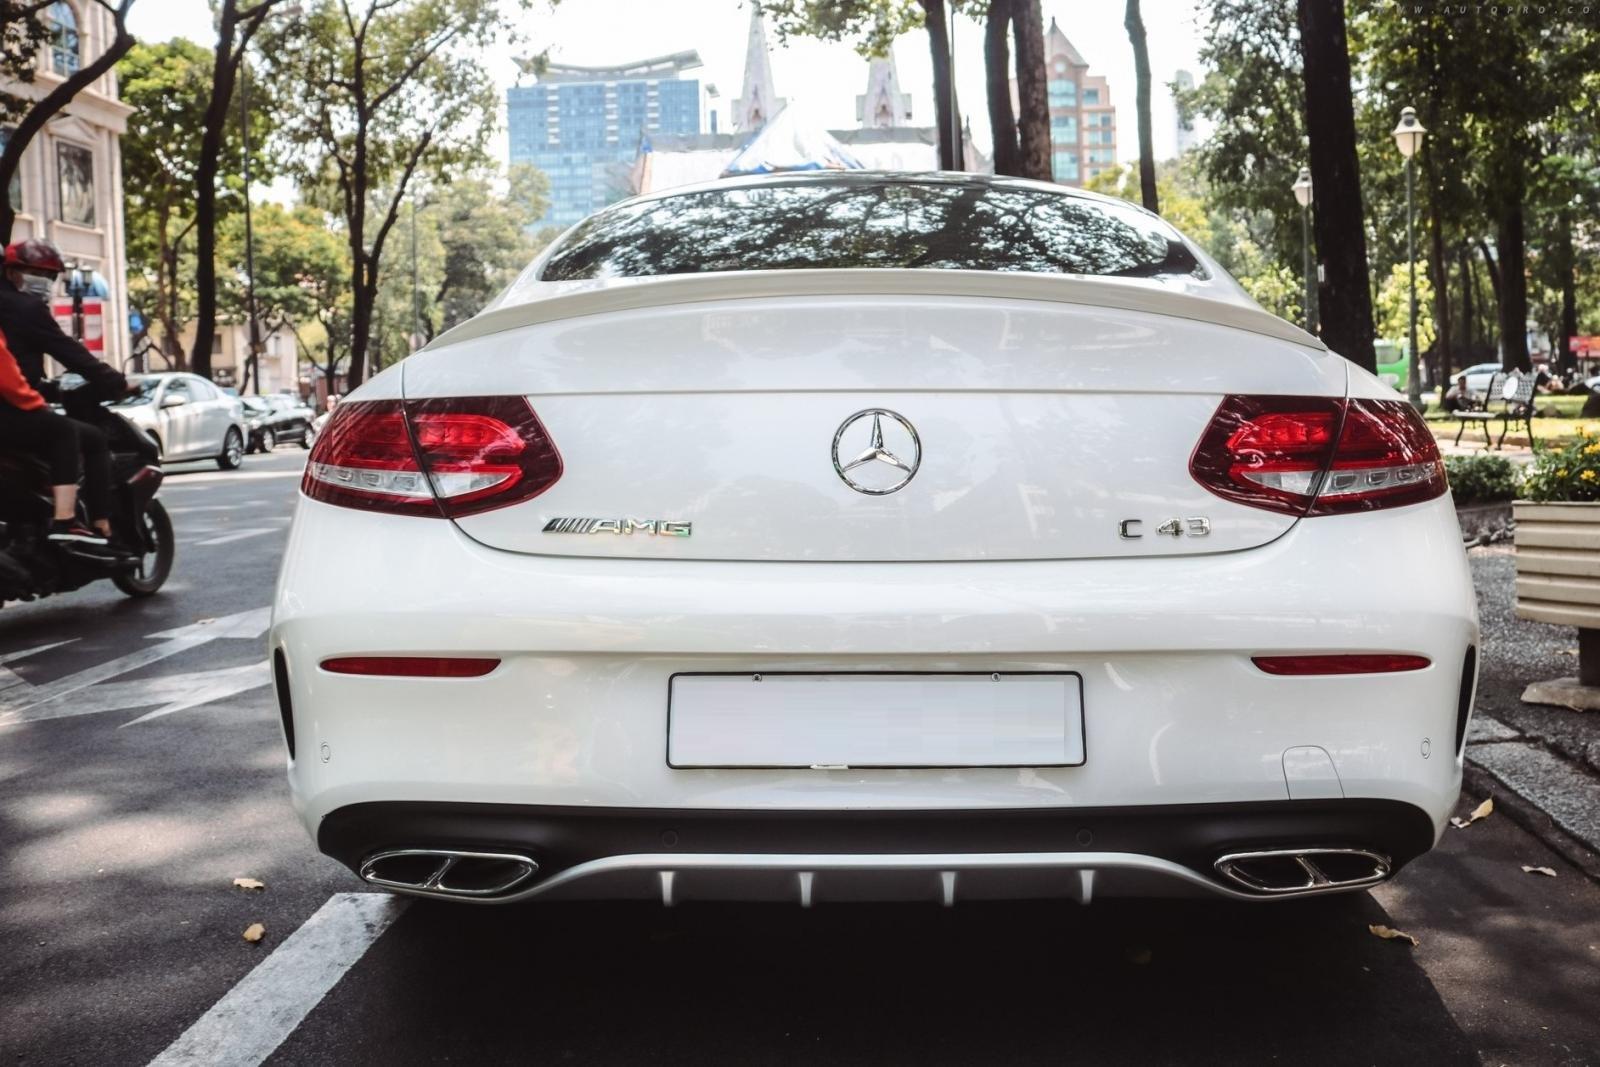 Đánh giá Mercedes-AMG C43 4MATIC Coupe 2019 về thiết kế đuôi xe a1